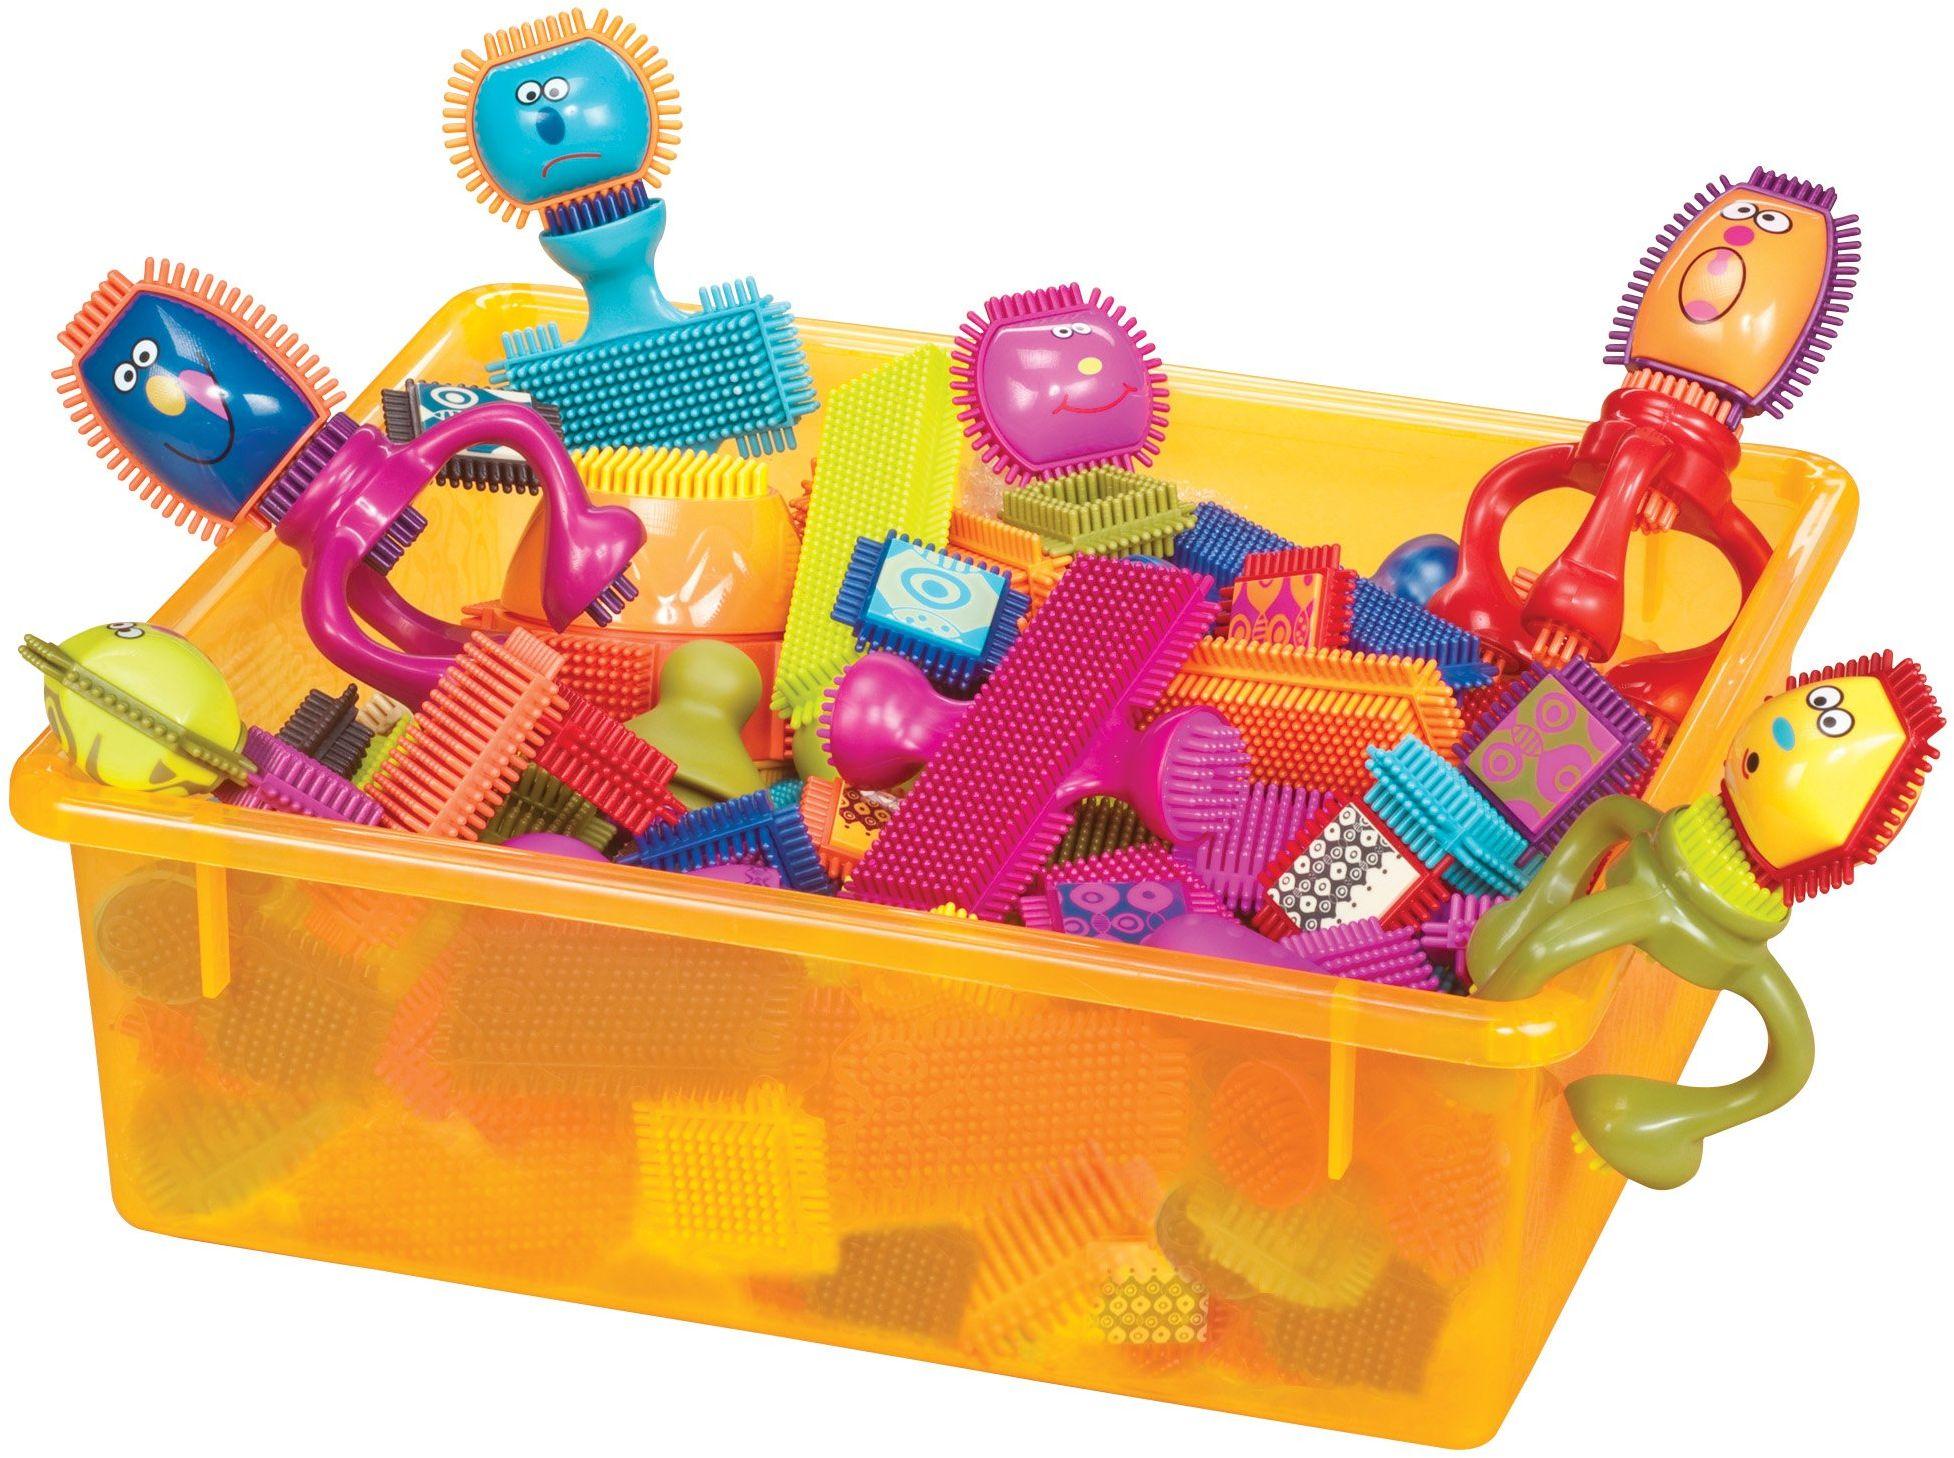 B. toys - Spinaroo bloku włosia - oficjalne bloki z włosia - zabawki klocki dla małych dzieci (75 sztuk)